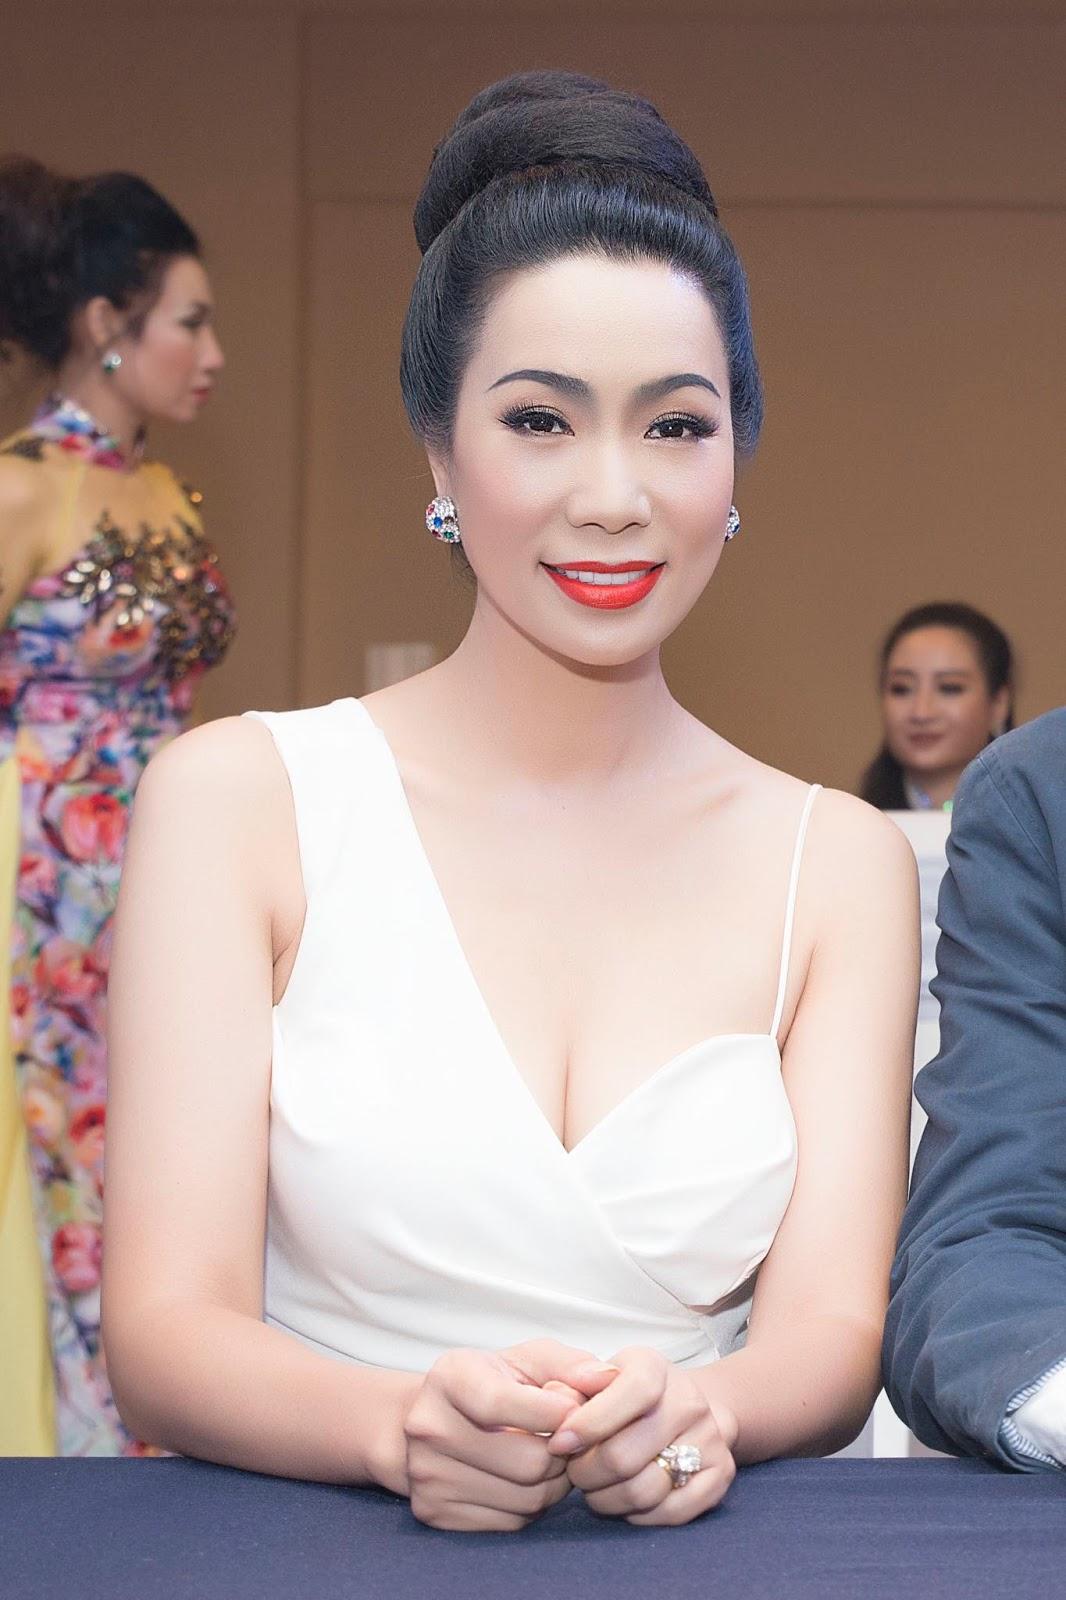 Trịnh Kim Chi đáp trả diễn viên Trà My, Hồng Vân - Kha Ly lên tiếng chỉ là con muỗi, tào lao đừng buồn - Hình 6